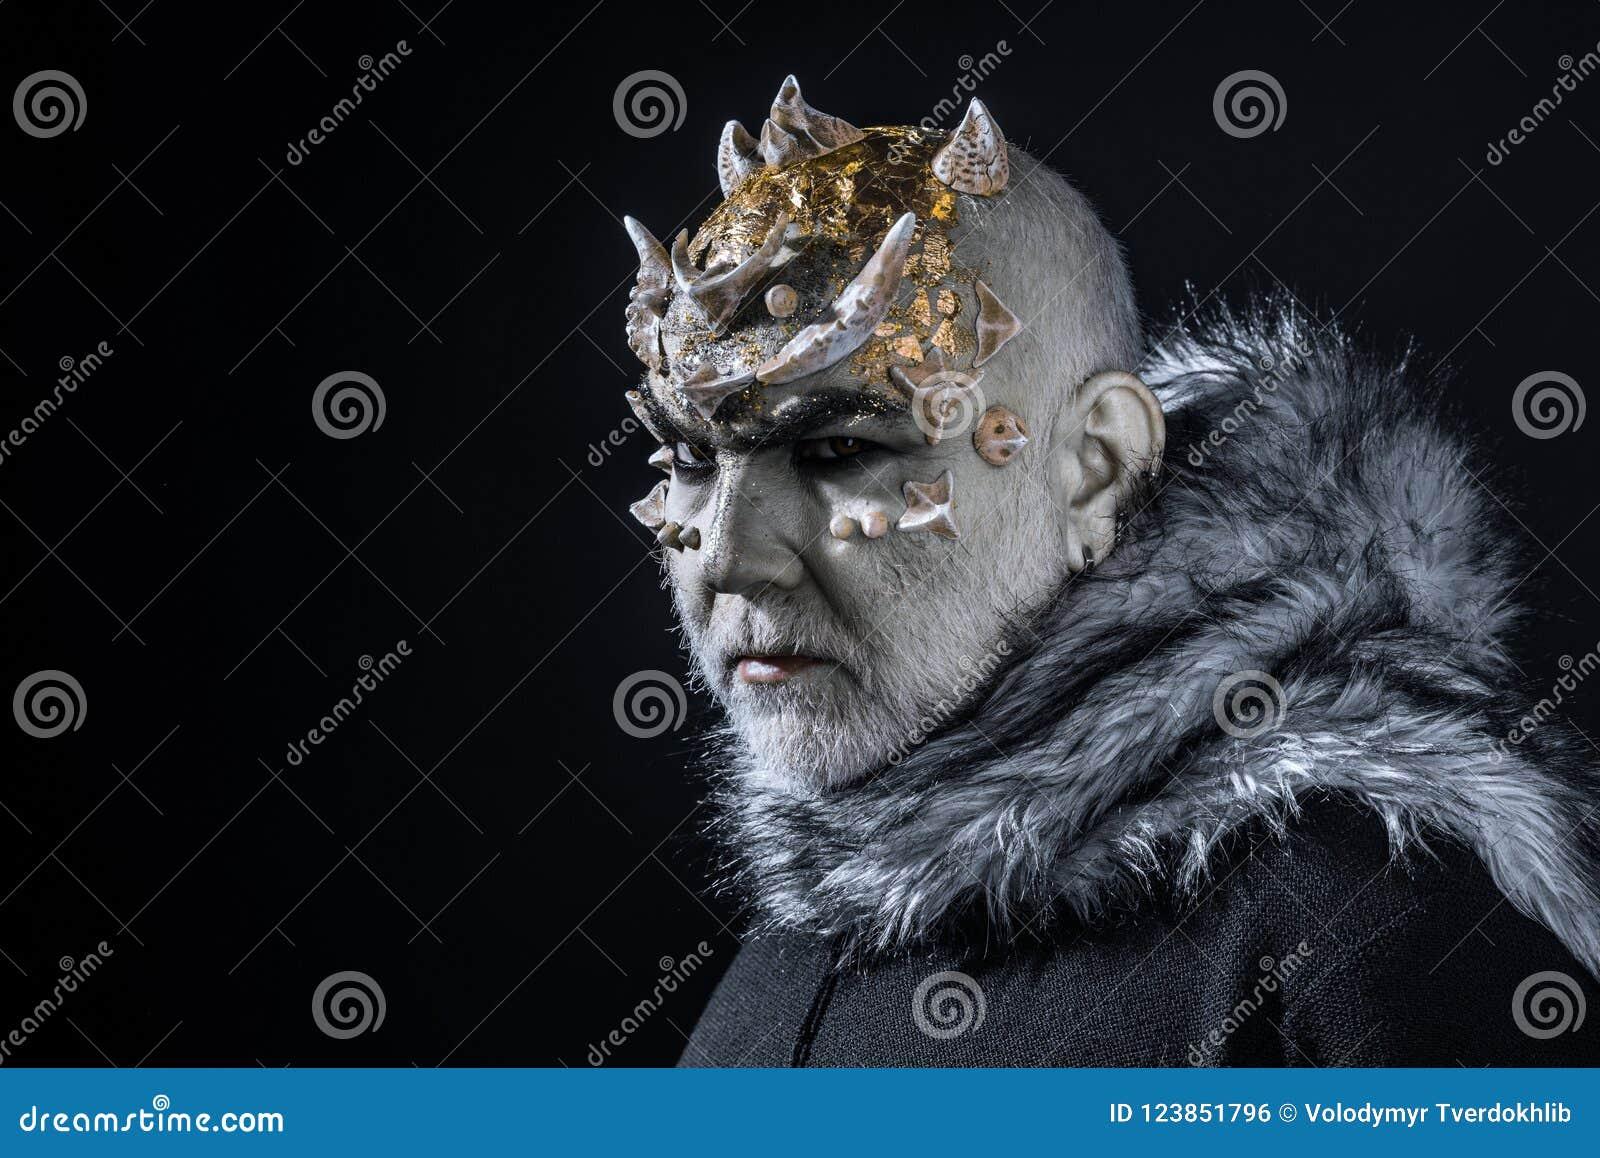 Straniero, demone, trucco del mago Demone su fondo nero, spazio della copia Uomo con le spine o le verruche in pelliccia teatrale